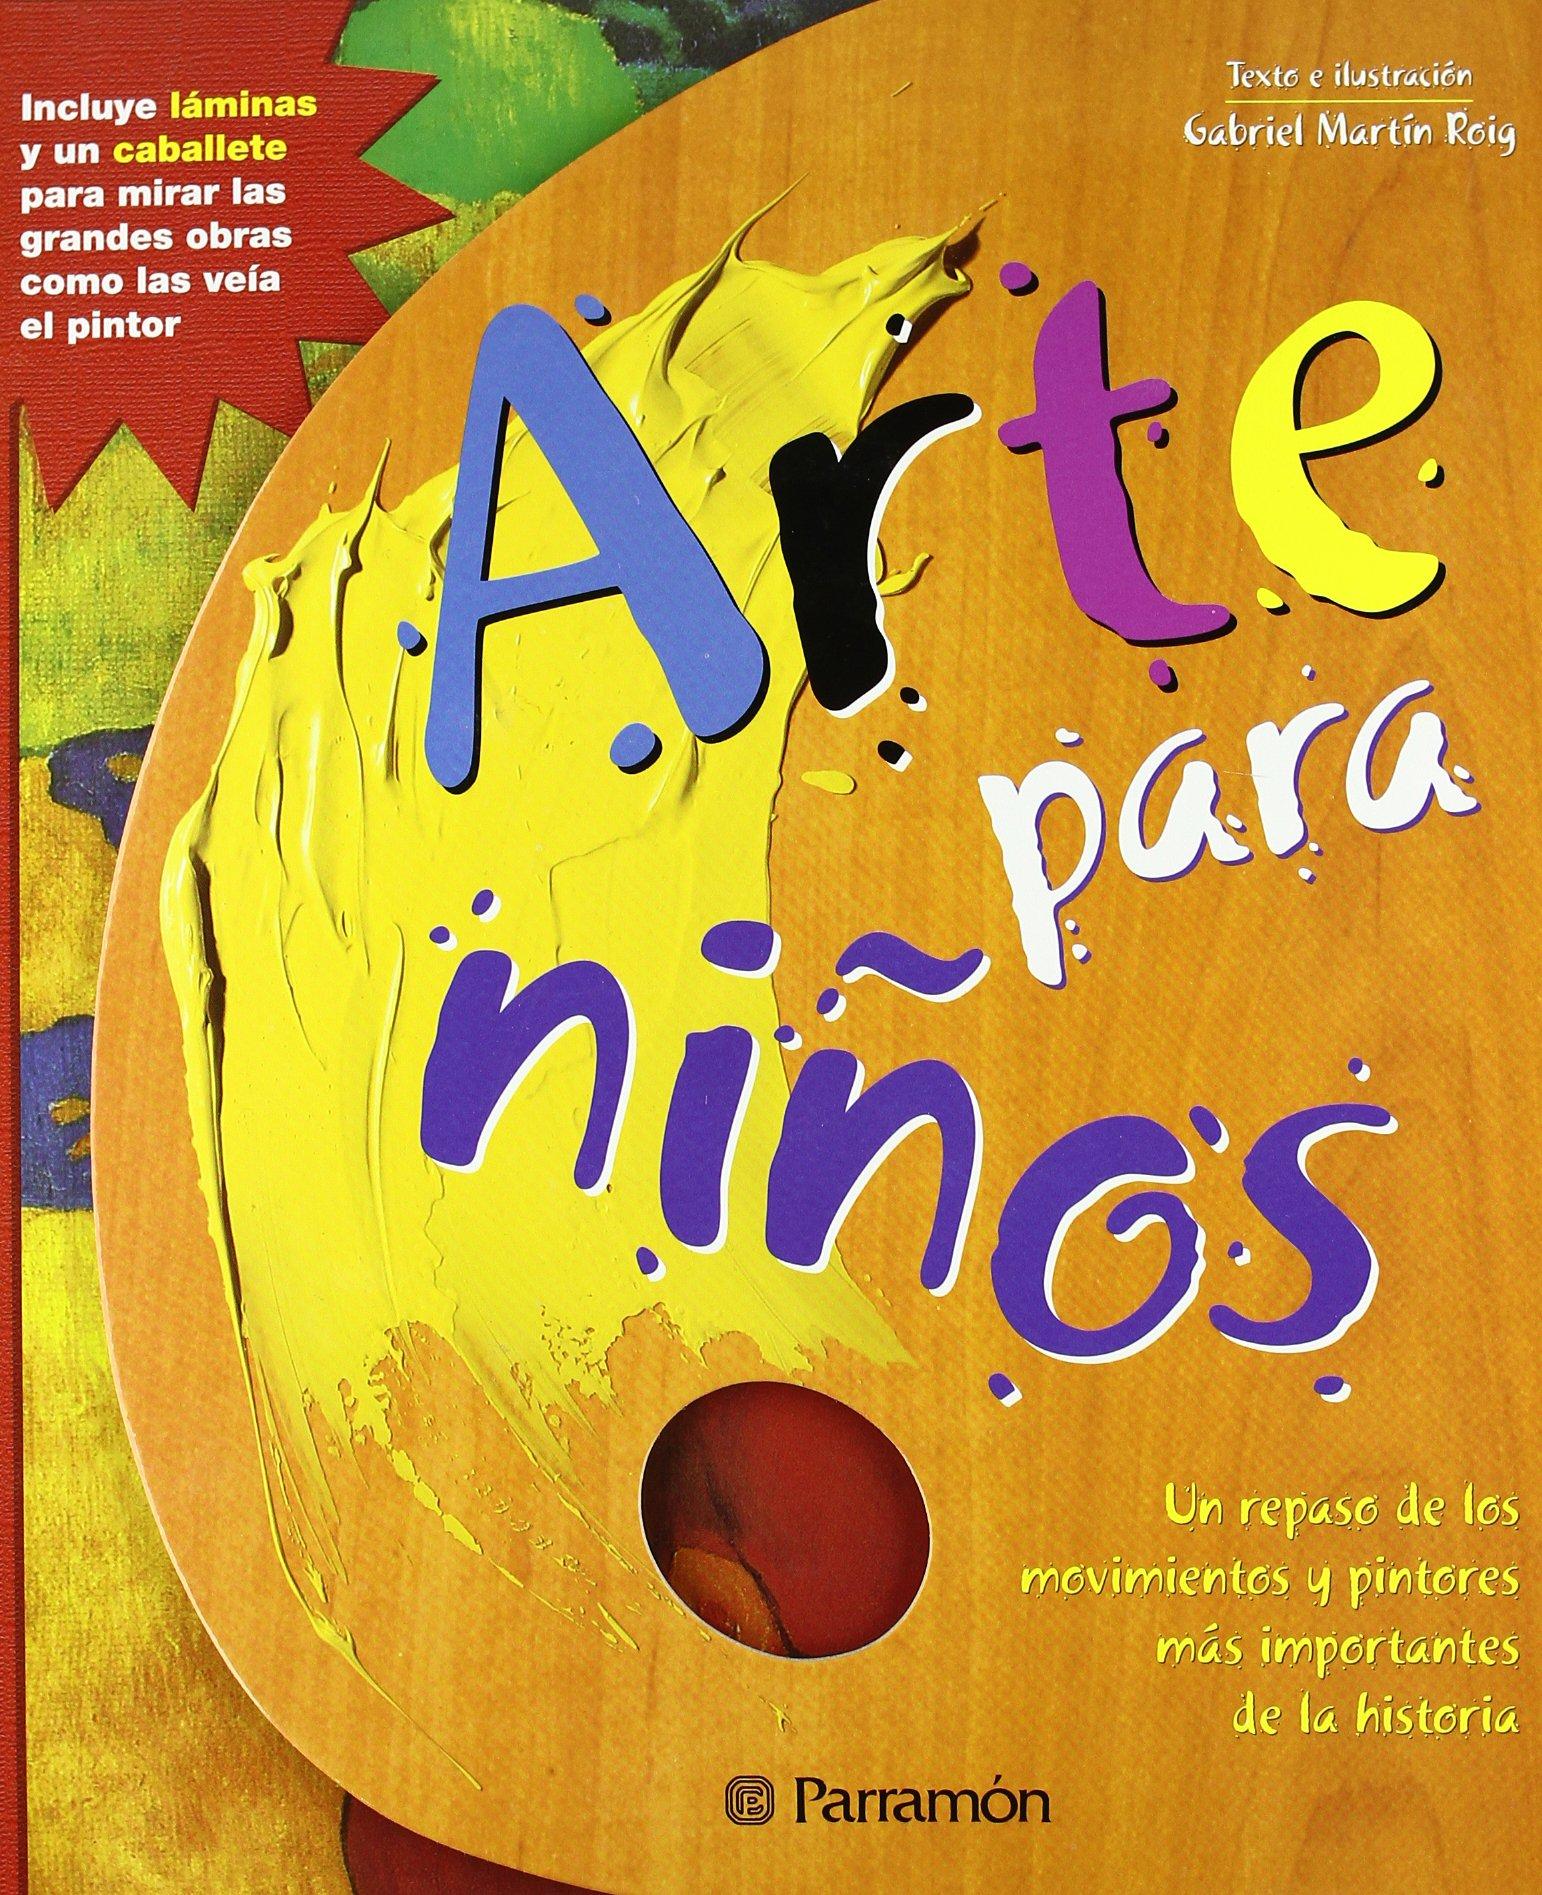 ARTE PARA NIÑOS (Arte y ciencias para niños): Amazon.es: Martín Roig, Gabriel: Libros